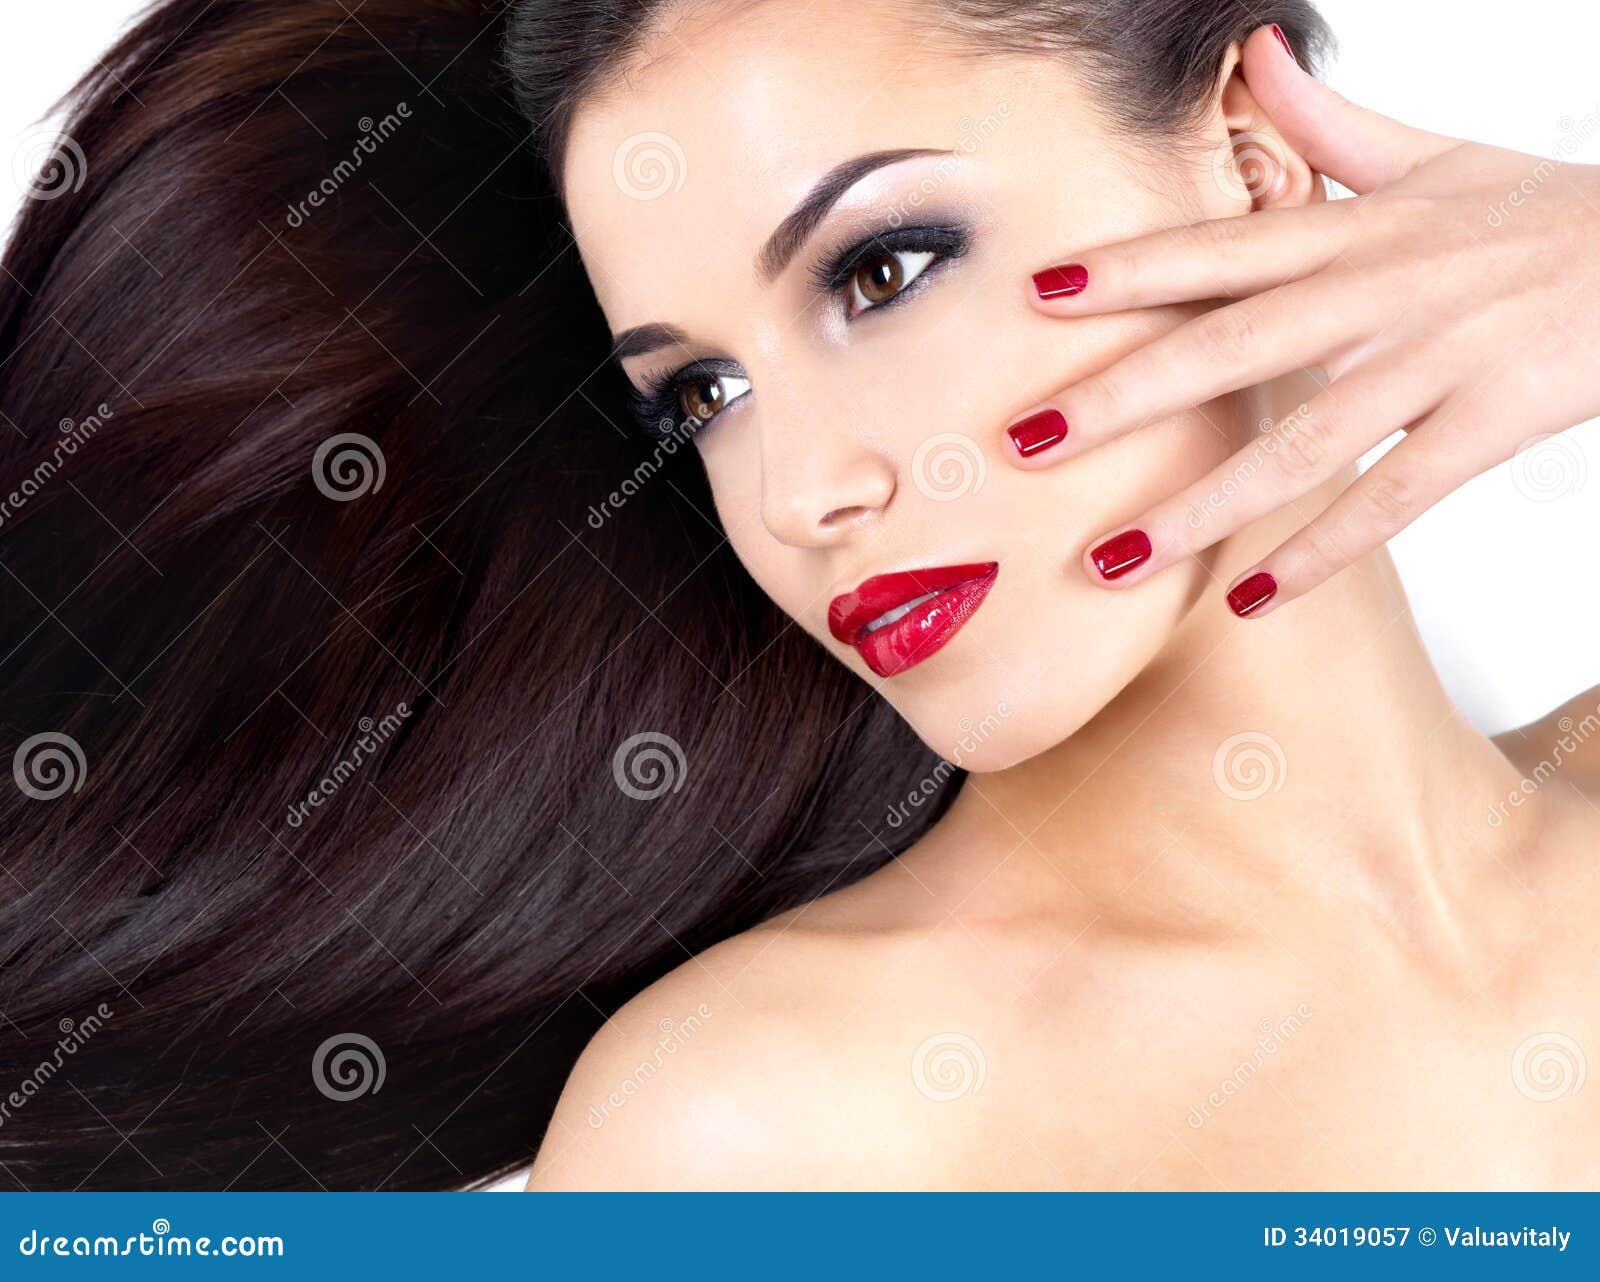 Beautiful mature women long fingernails remarkable